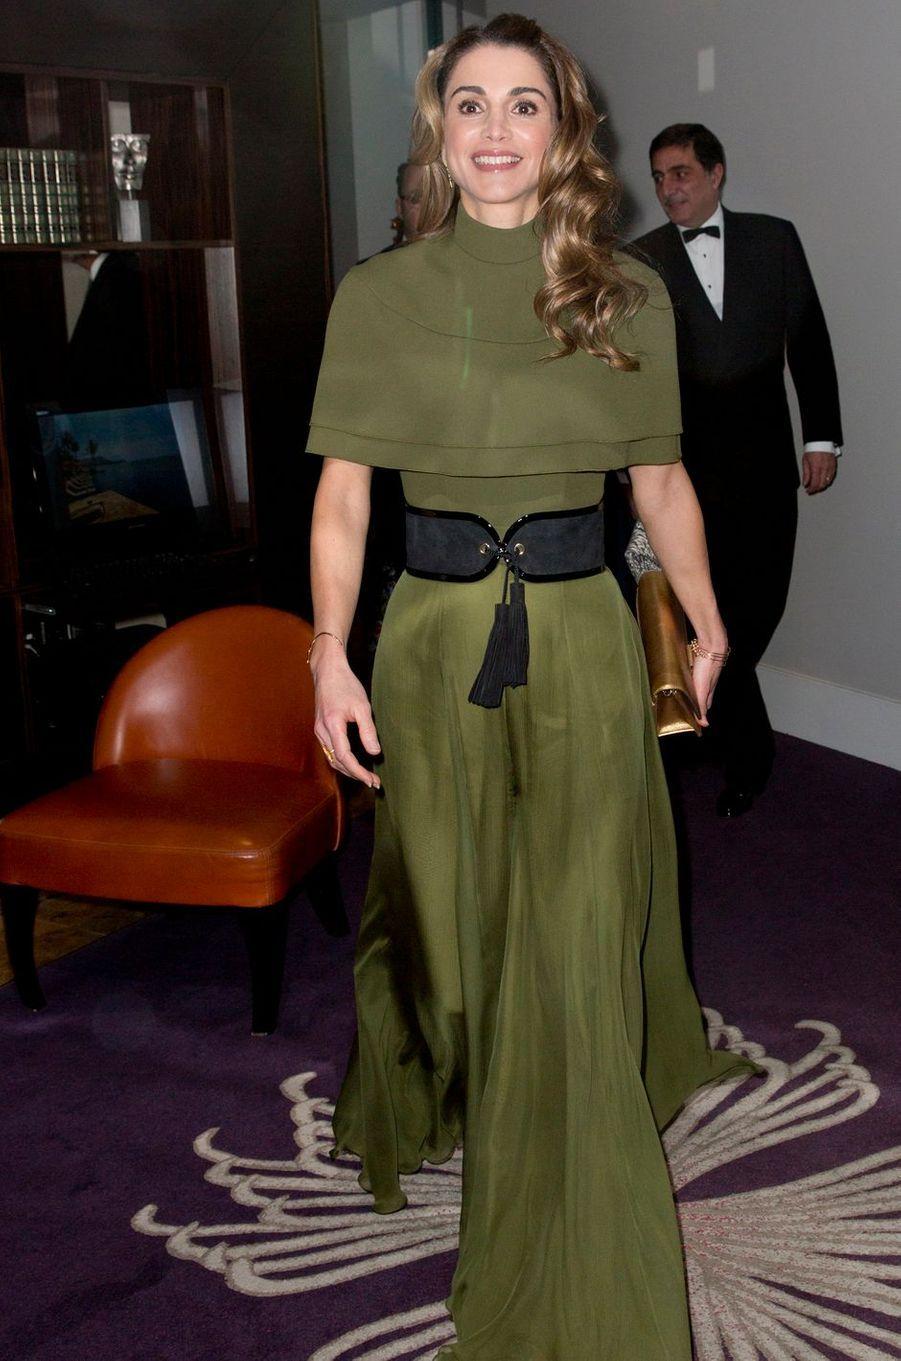 La plus radieuse - La reine Rania de Jordanie était à Londres ce mardi 29 novembre pour recevoir le premier Prix humanitaire de la Foreign Press Association. Et elle l'a dédié aux Jordaniens.